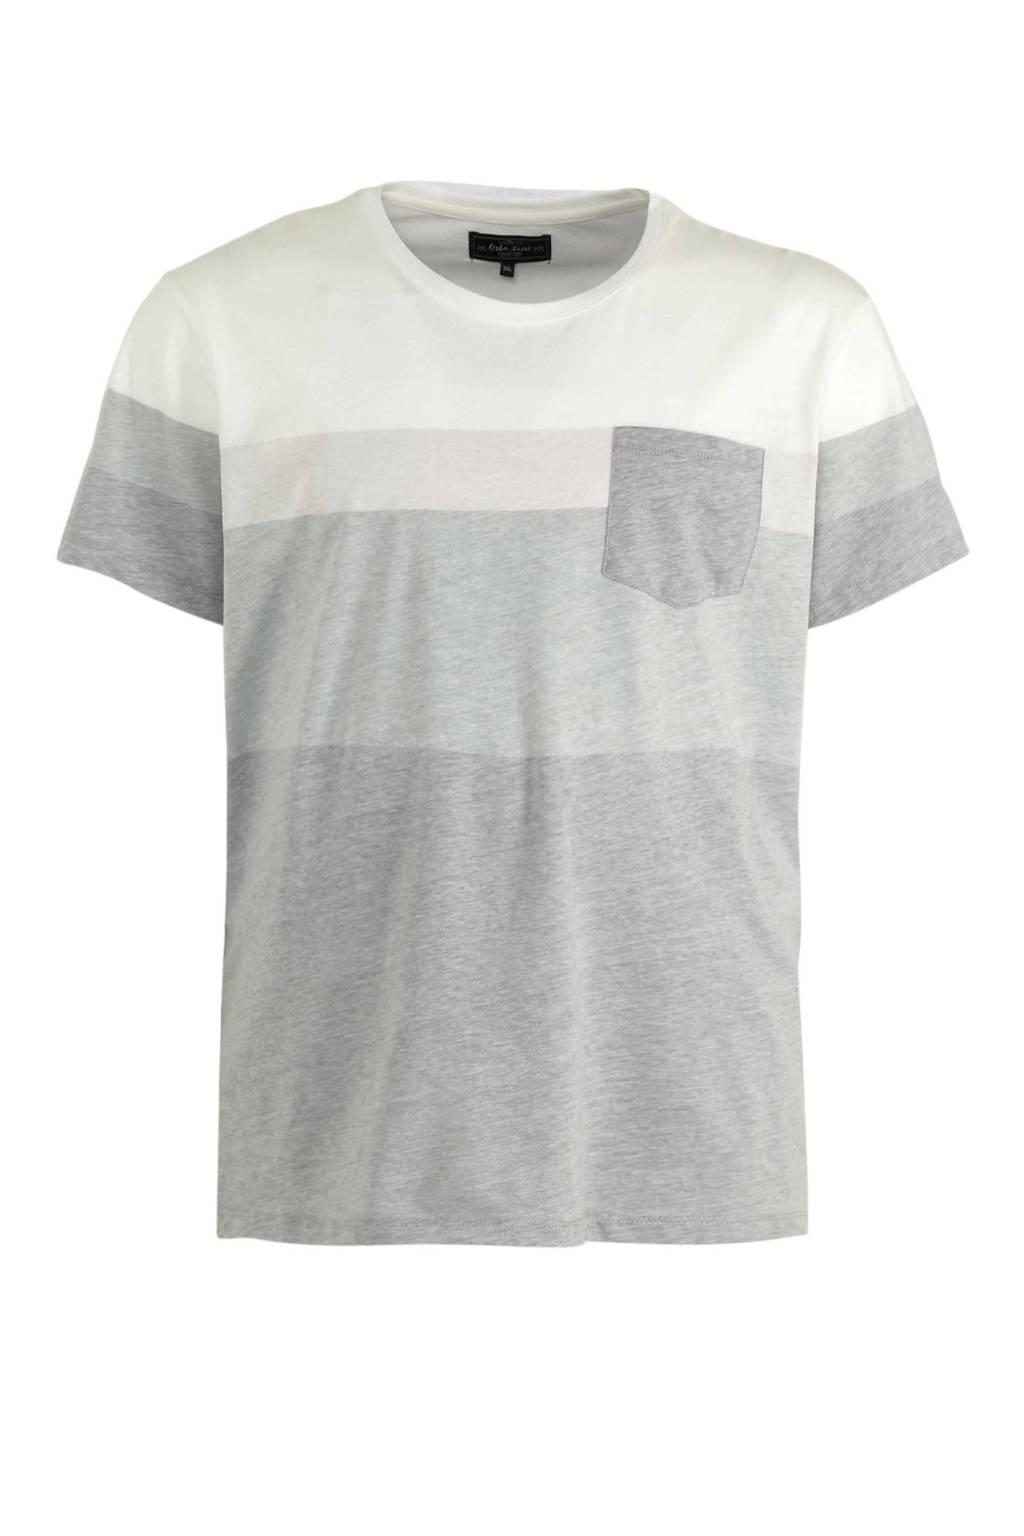 URBN SAINT T-shirt grijs/wit, Grijs/wit